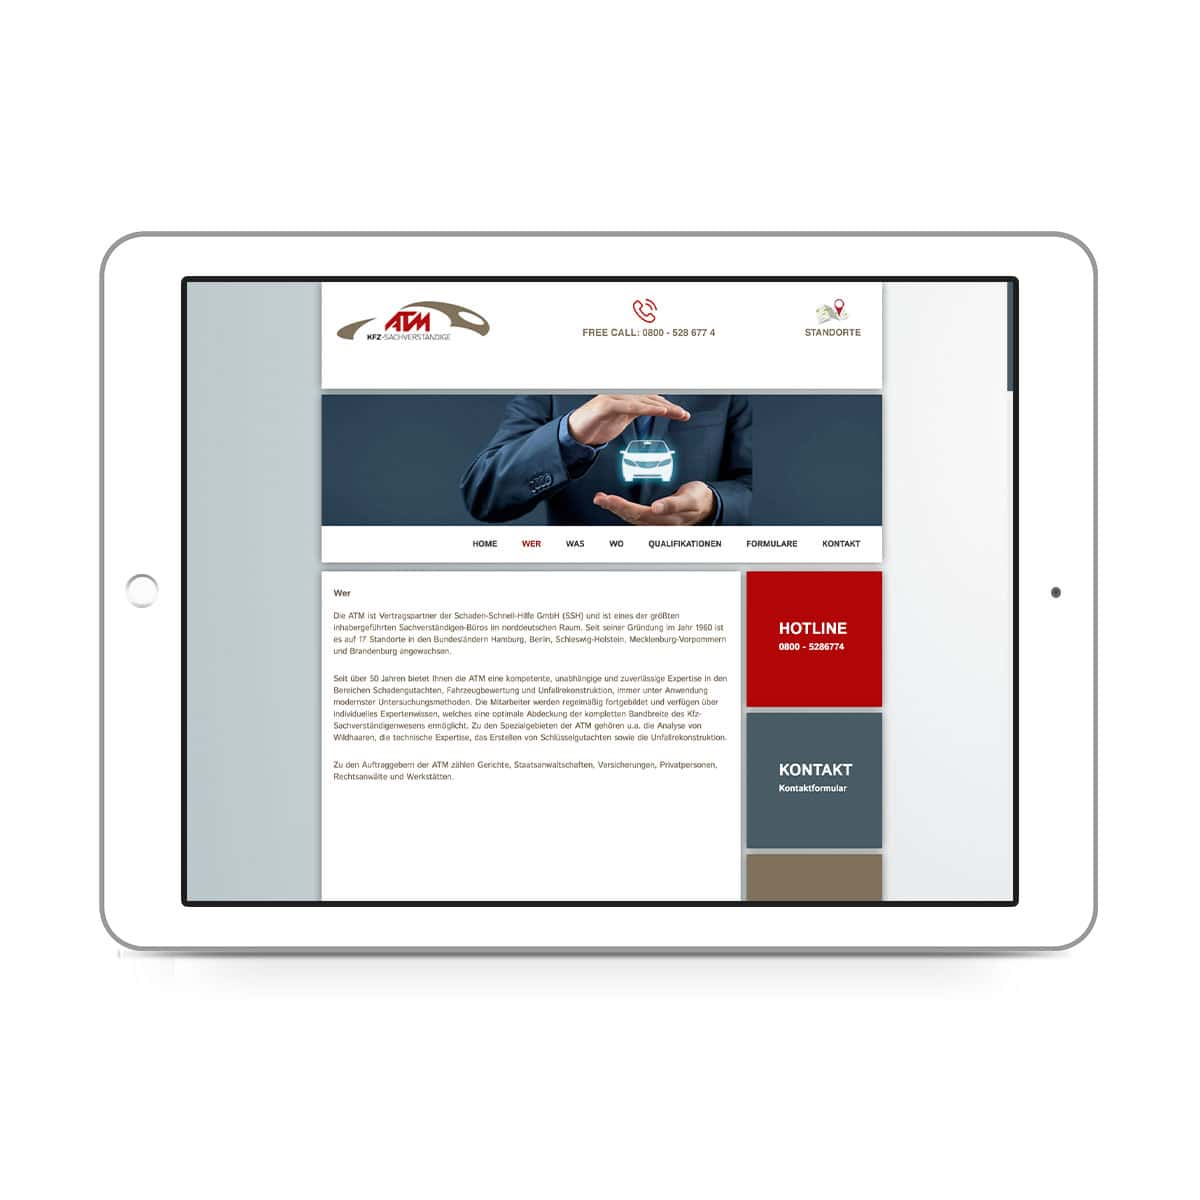 ATM-expert Dipl.-Ing. Staisch GmbH - Über die Firma